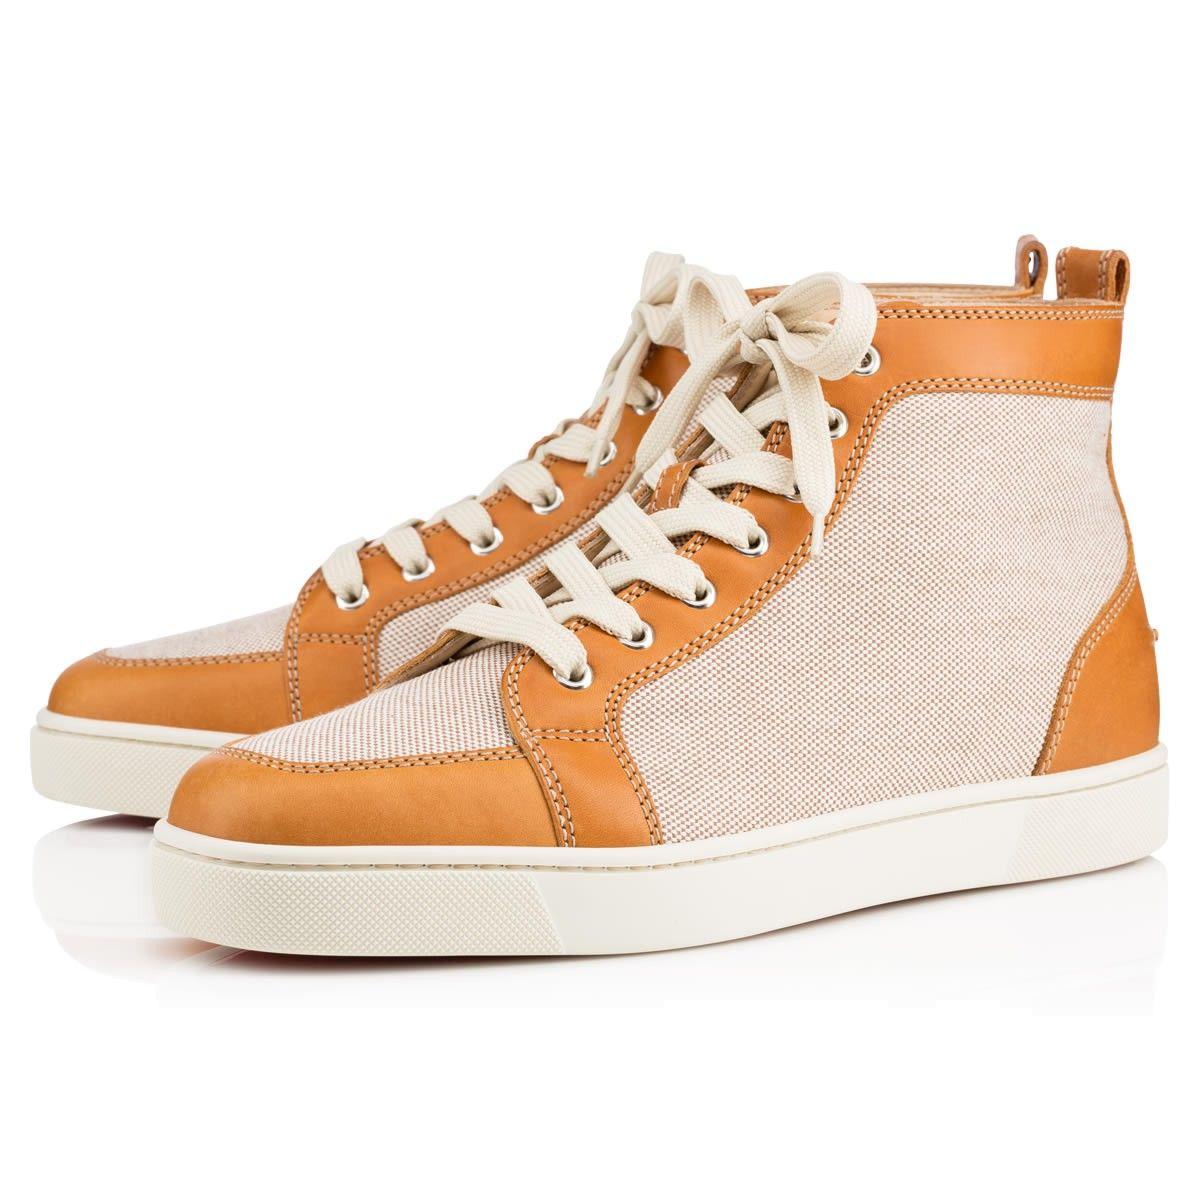 8f2d1d4a285a CHRISTIAN LOUBOUTIN Rantus Men S Flat Cognac Brown Leather Canvas.   christianlouboutin  shoes